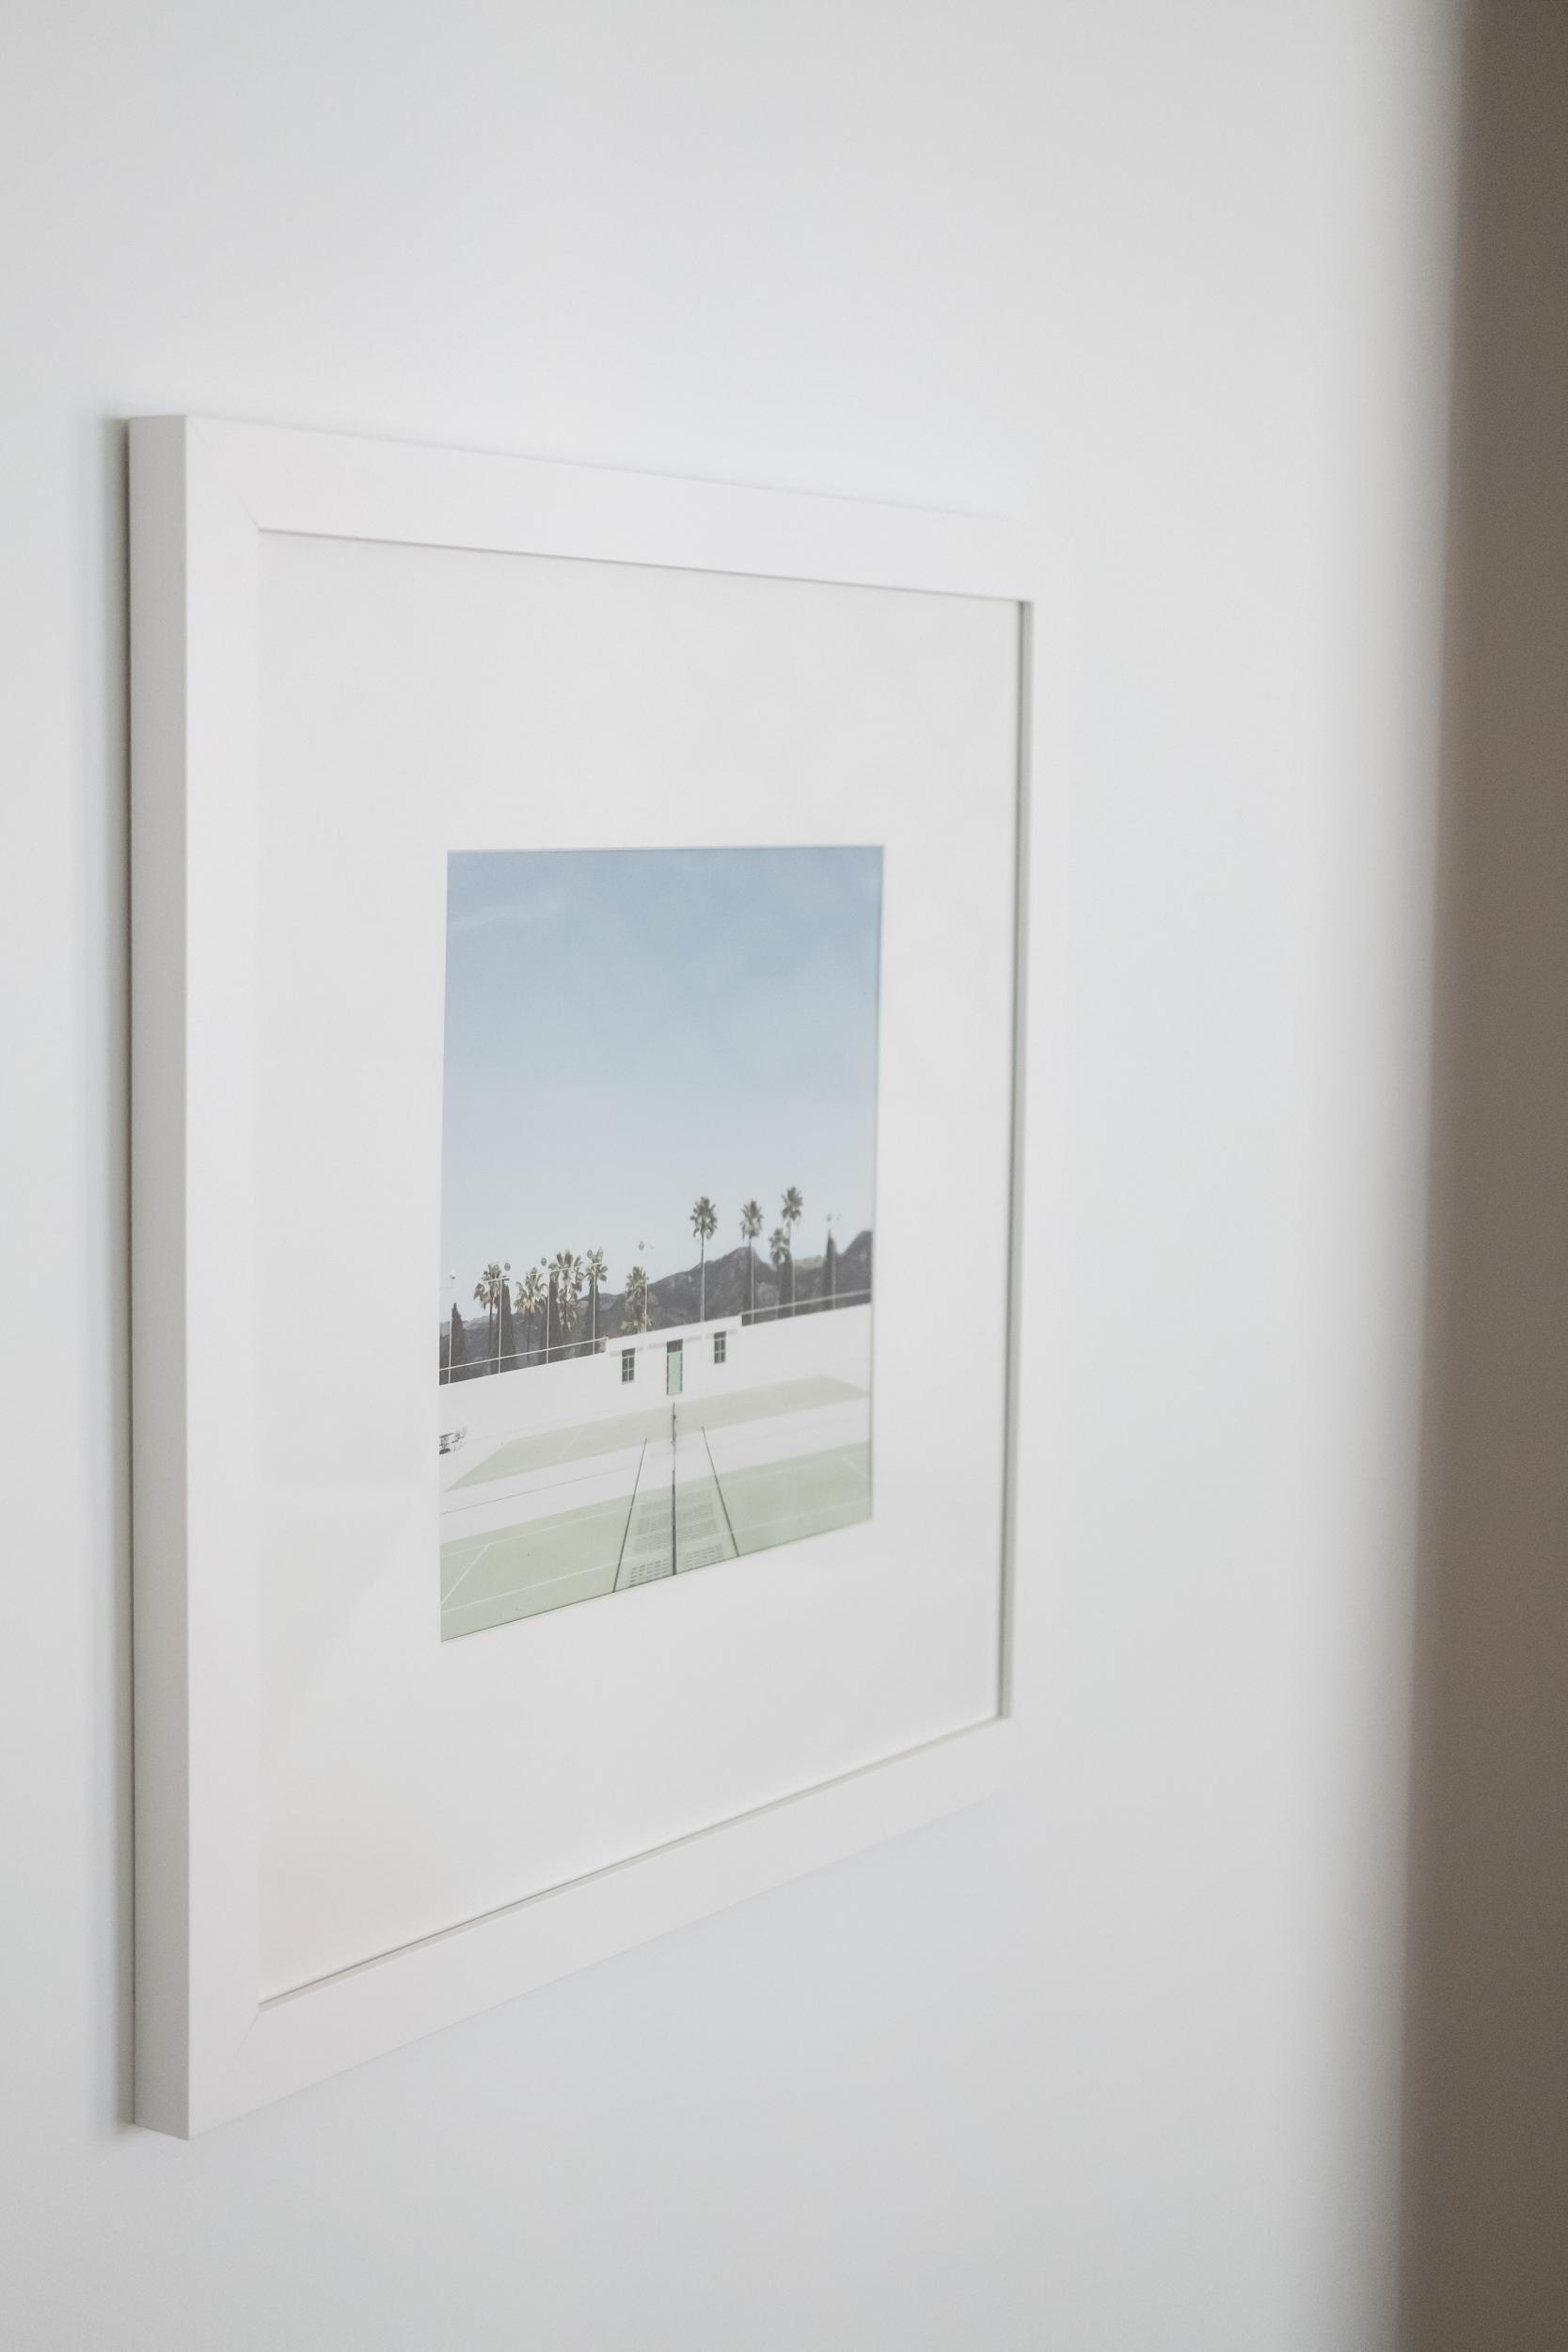 designreflektor-editorial-commercial-photopgraphy-vancouver-0271.jpg